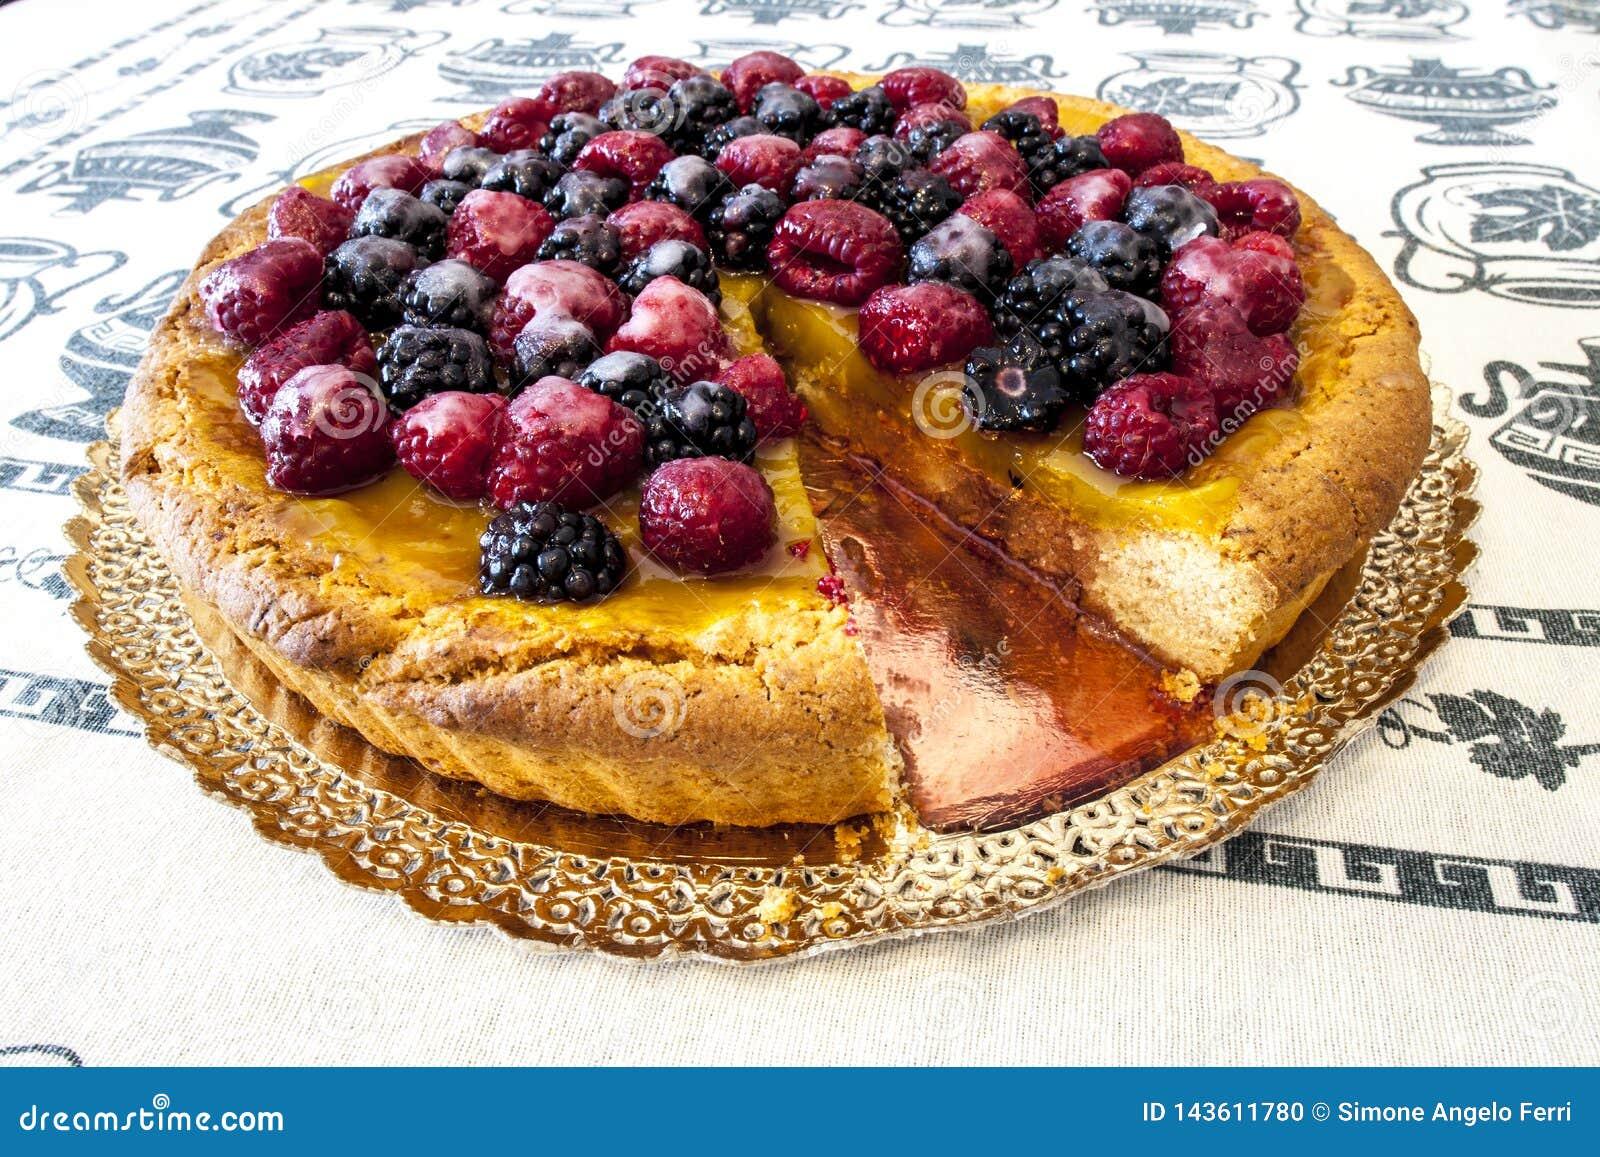 Dolce, torta di frutta coperta in lamponi e more